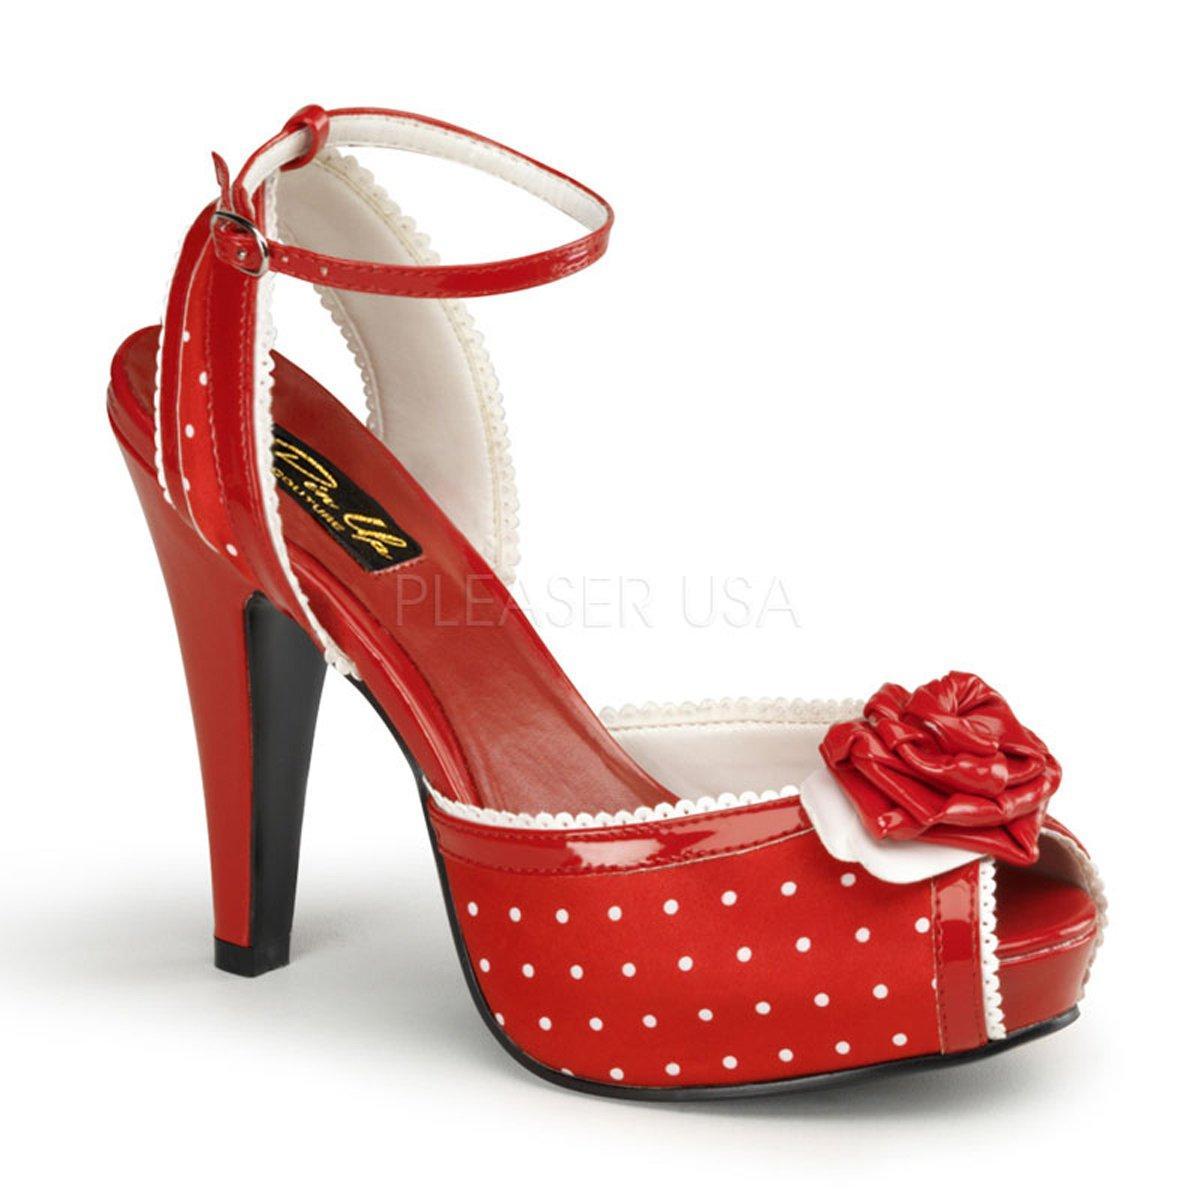 292f1e431629 BETTIE-06 Červeno-bílé puntíkaté společenské retro sandálky ...